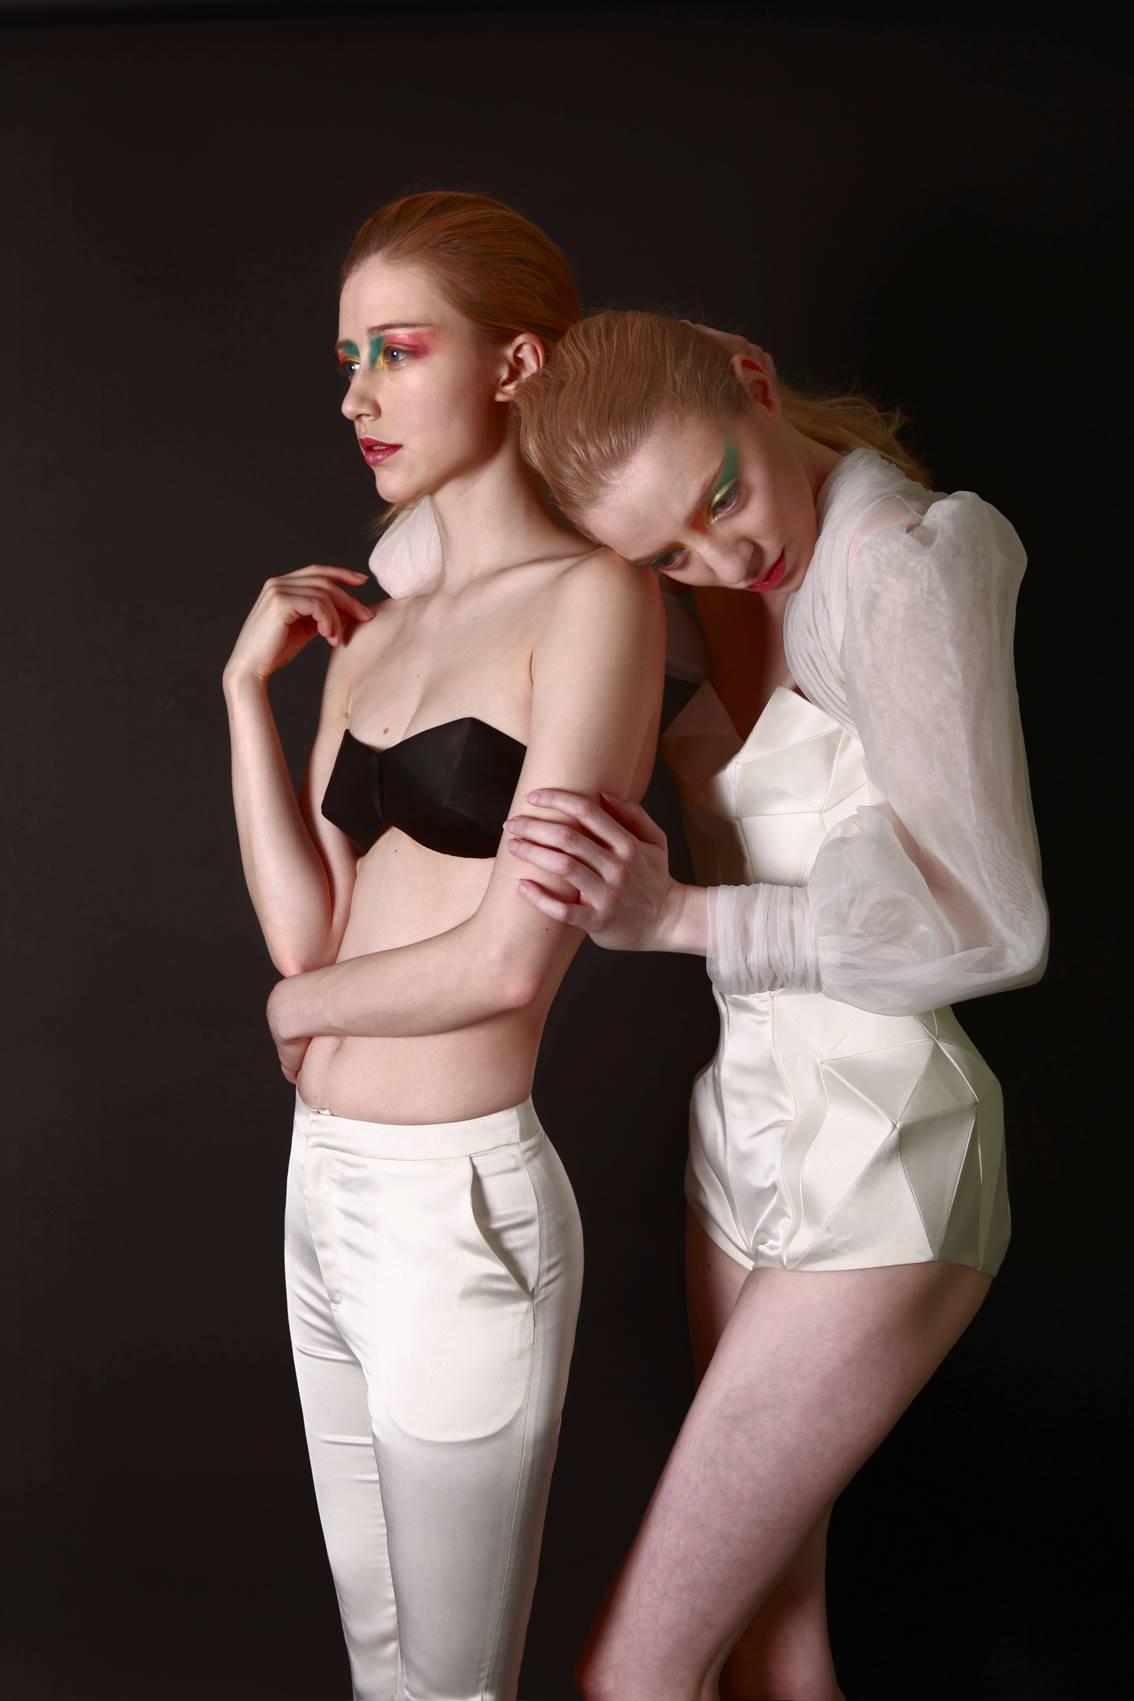 wu-xian-fashion-photography-photography-of-china-2.jpg